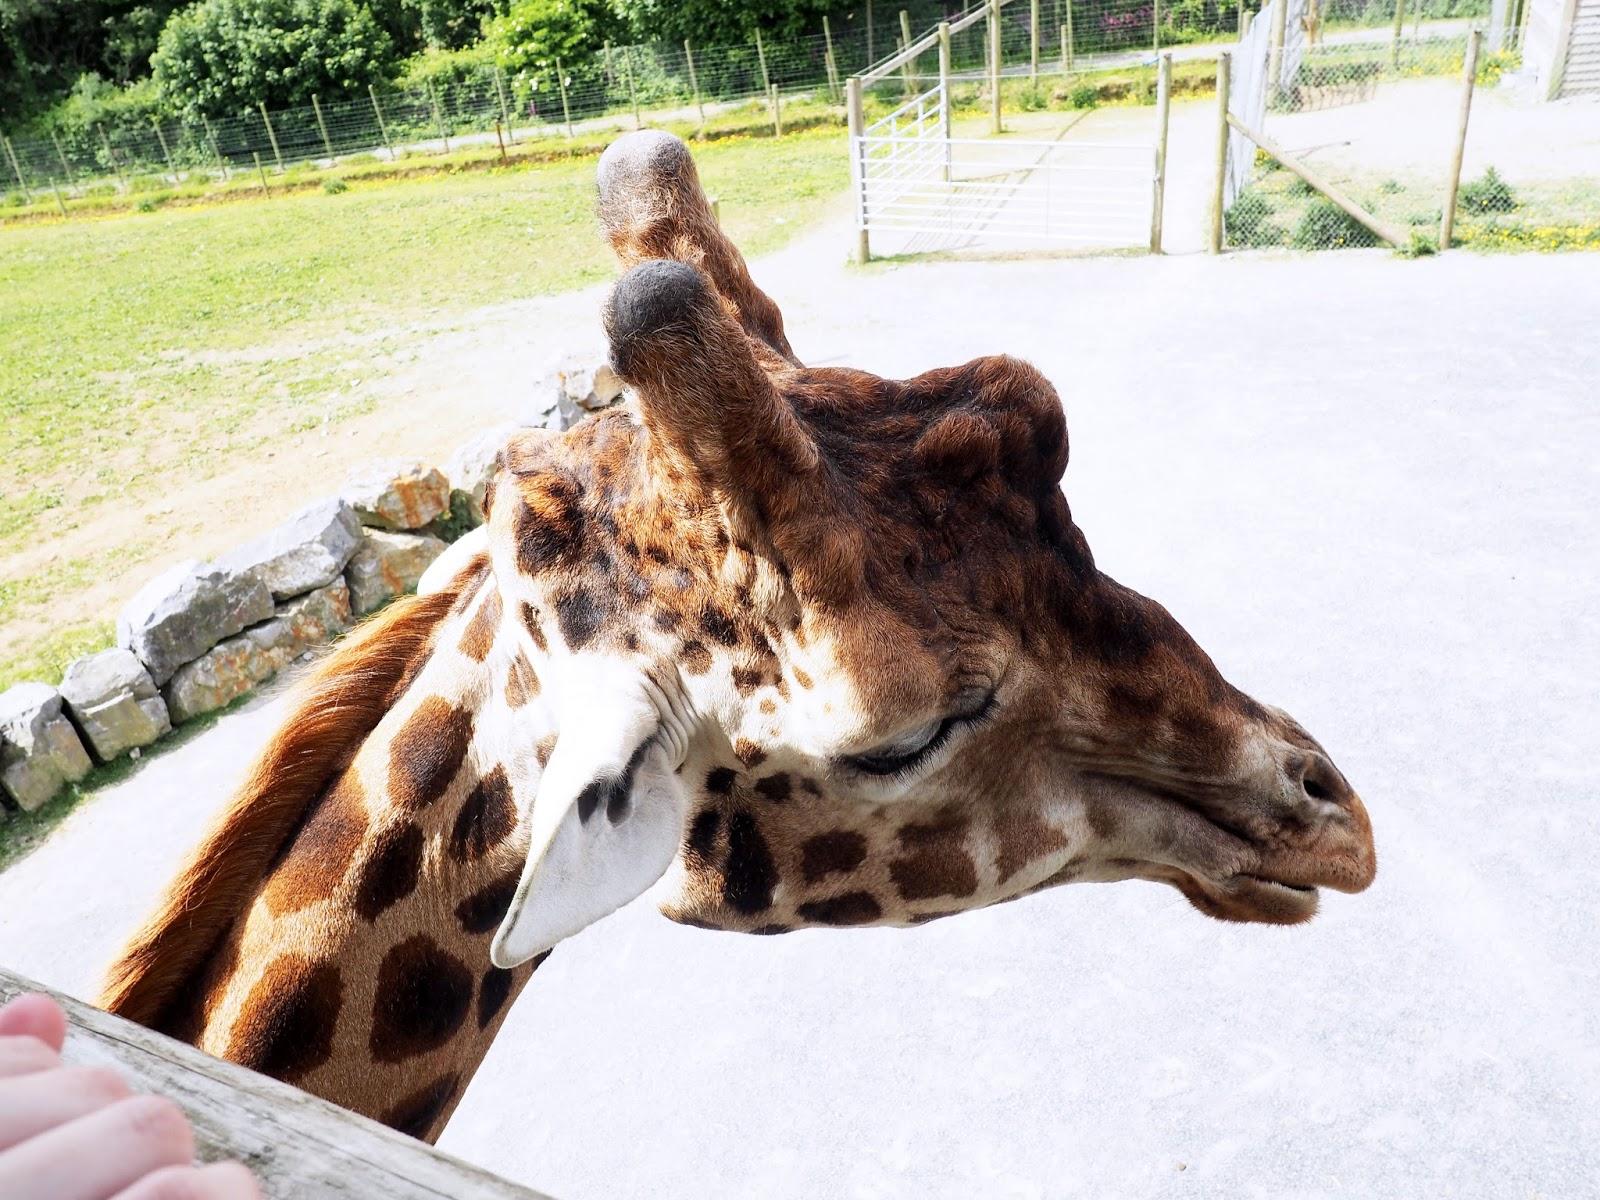 Folly Farm Adventure Park and Zoo Giraffes